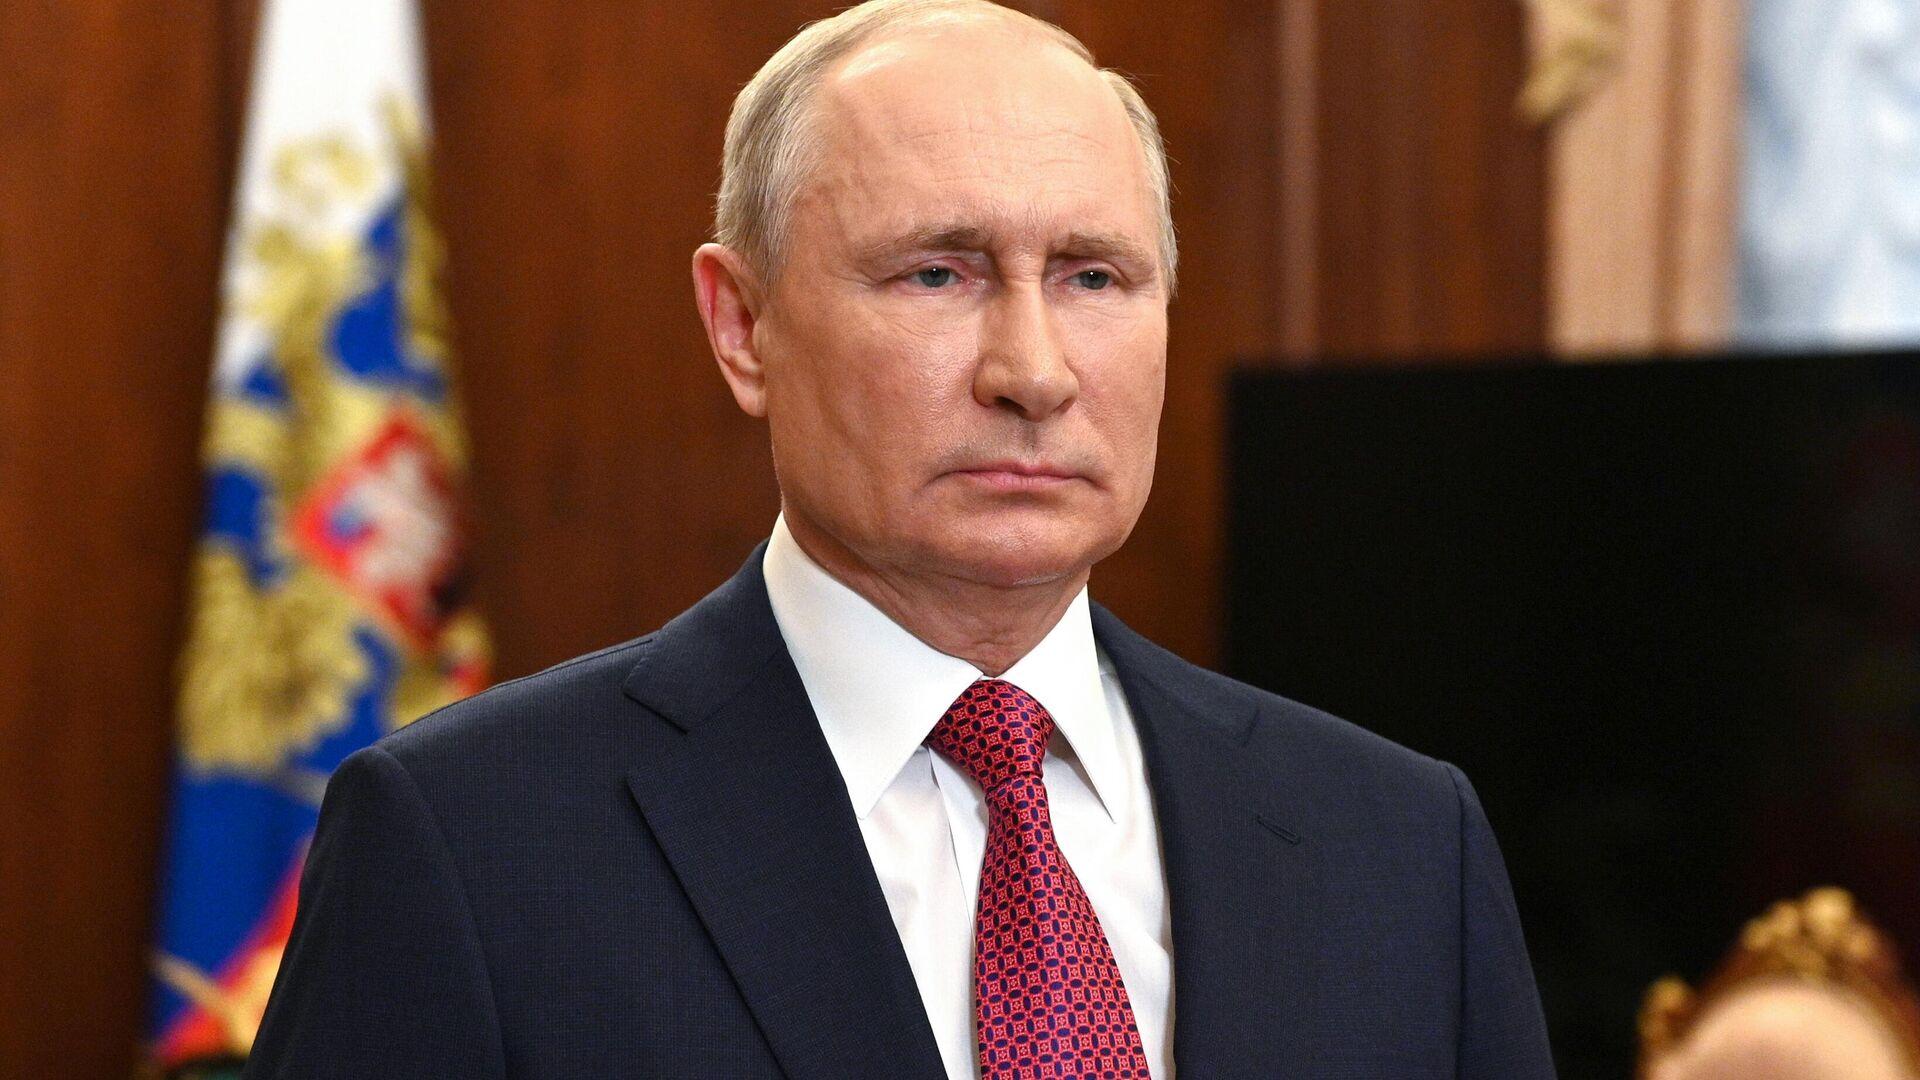 Russlands Präsident Wladimir Putin  - SNA, 1920, 12.07.2021